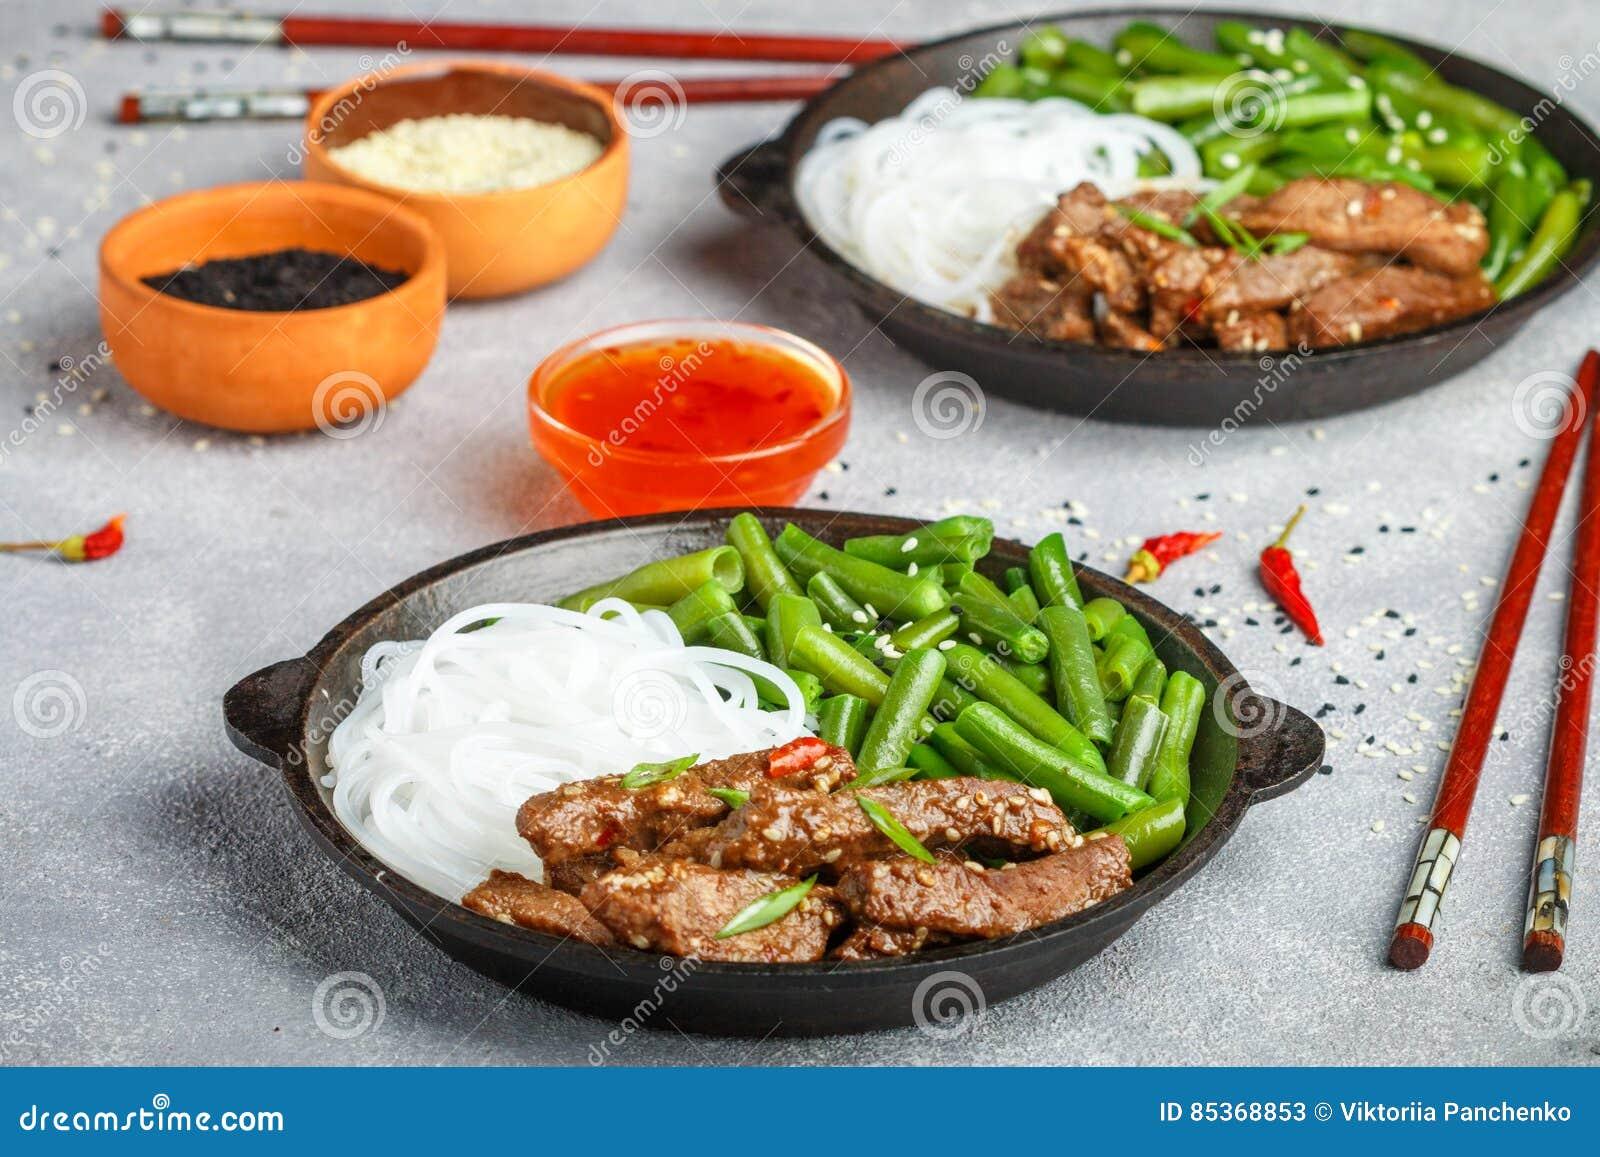 Gebratenes würziges Rindfleisch mit Samen des indischen Sesams, grünen Bohnen und Reisnudeln